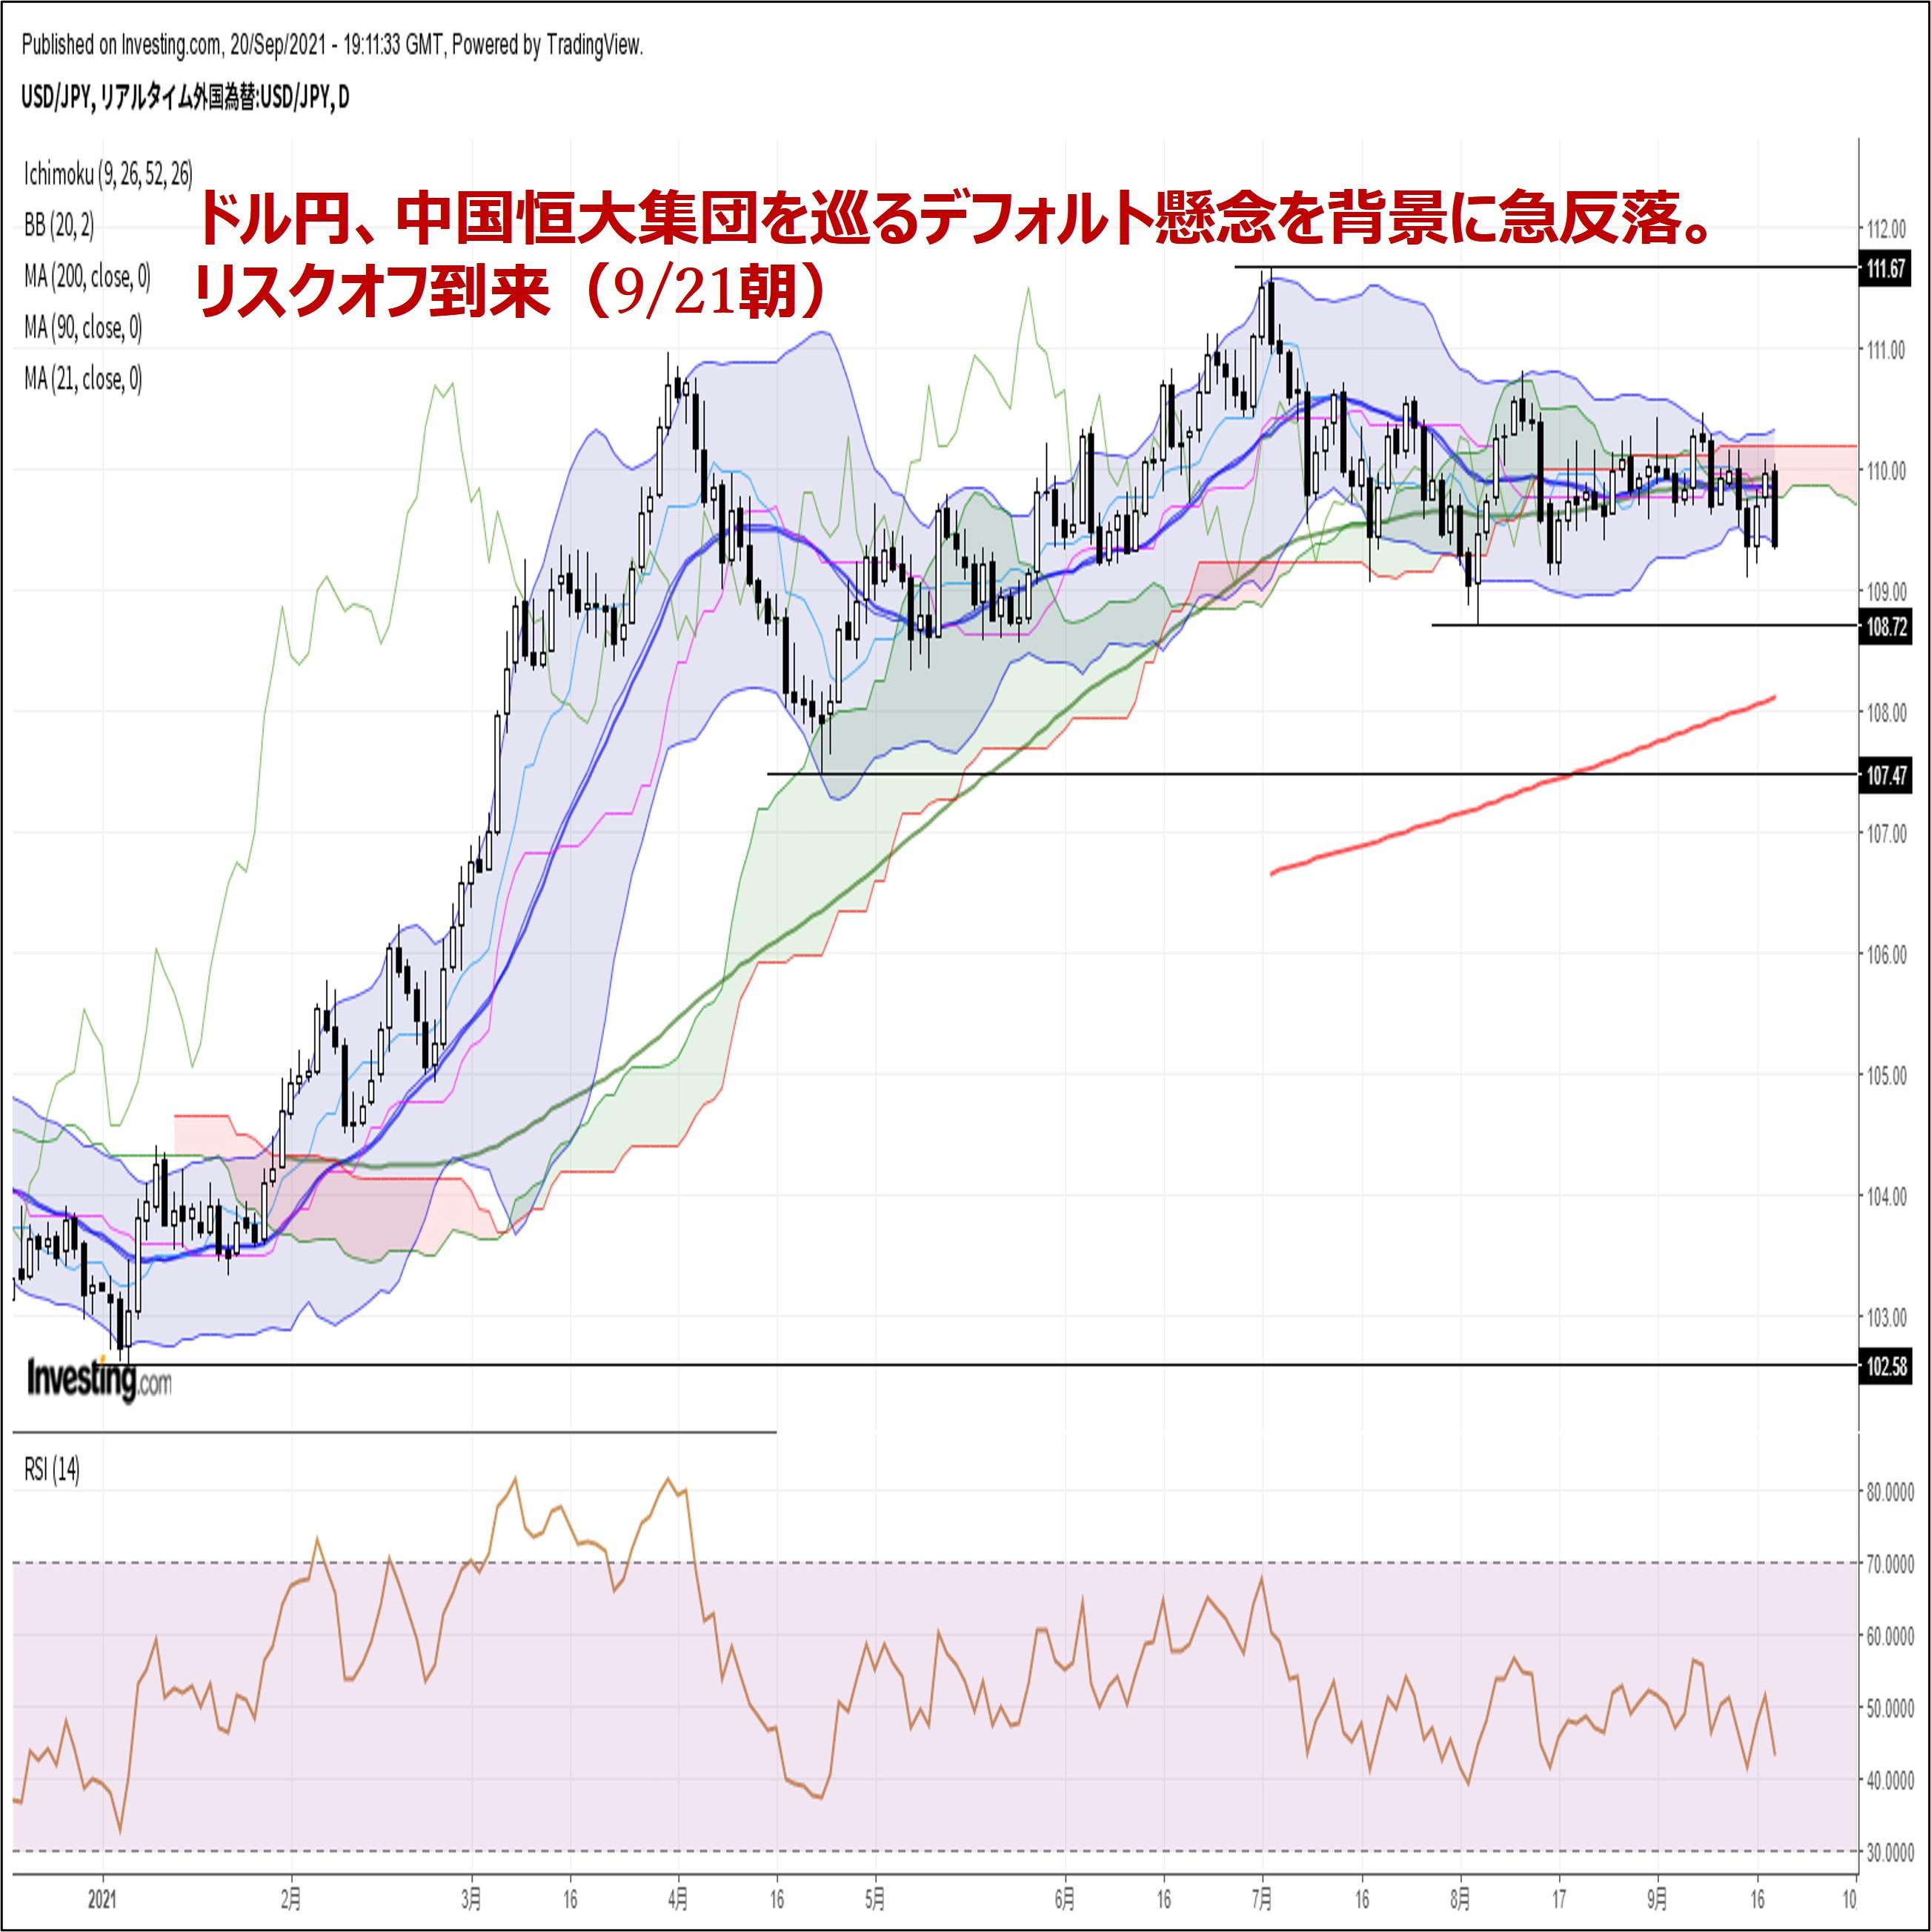 ドル円、中国恒大集団を巡るデフォルト懸念を背景に急反落。リスクオフ到来(9/21朝)